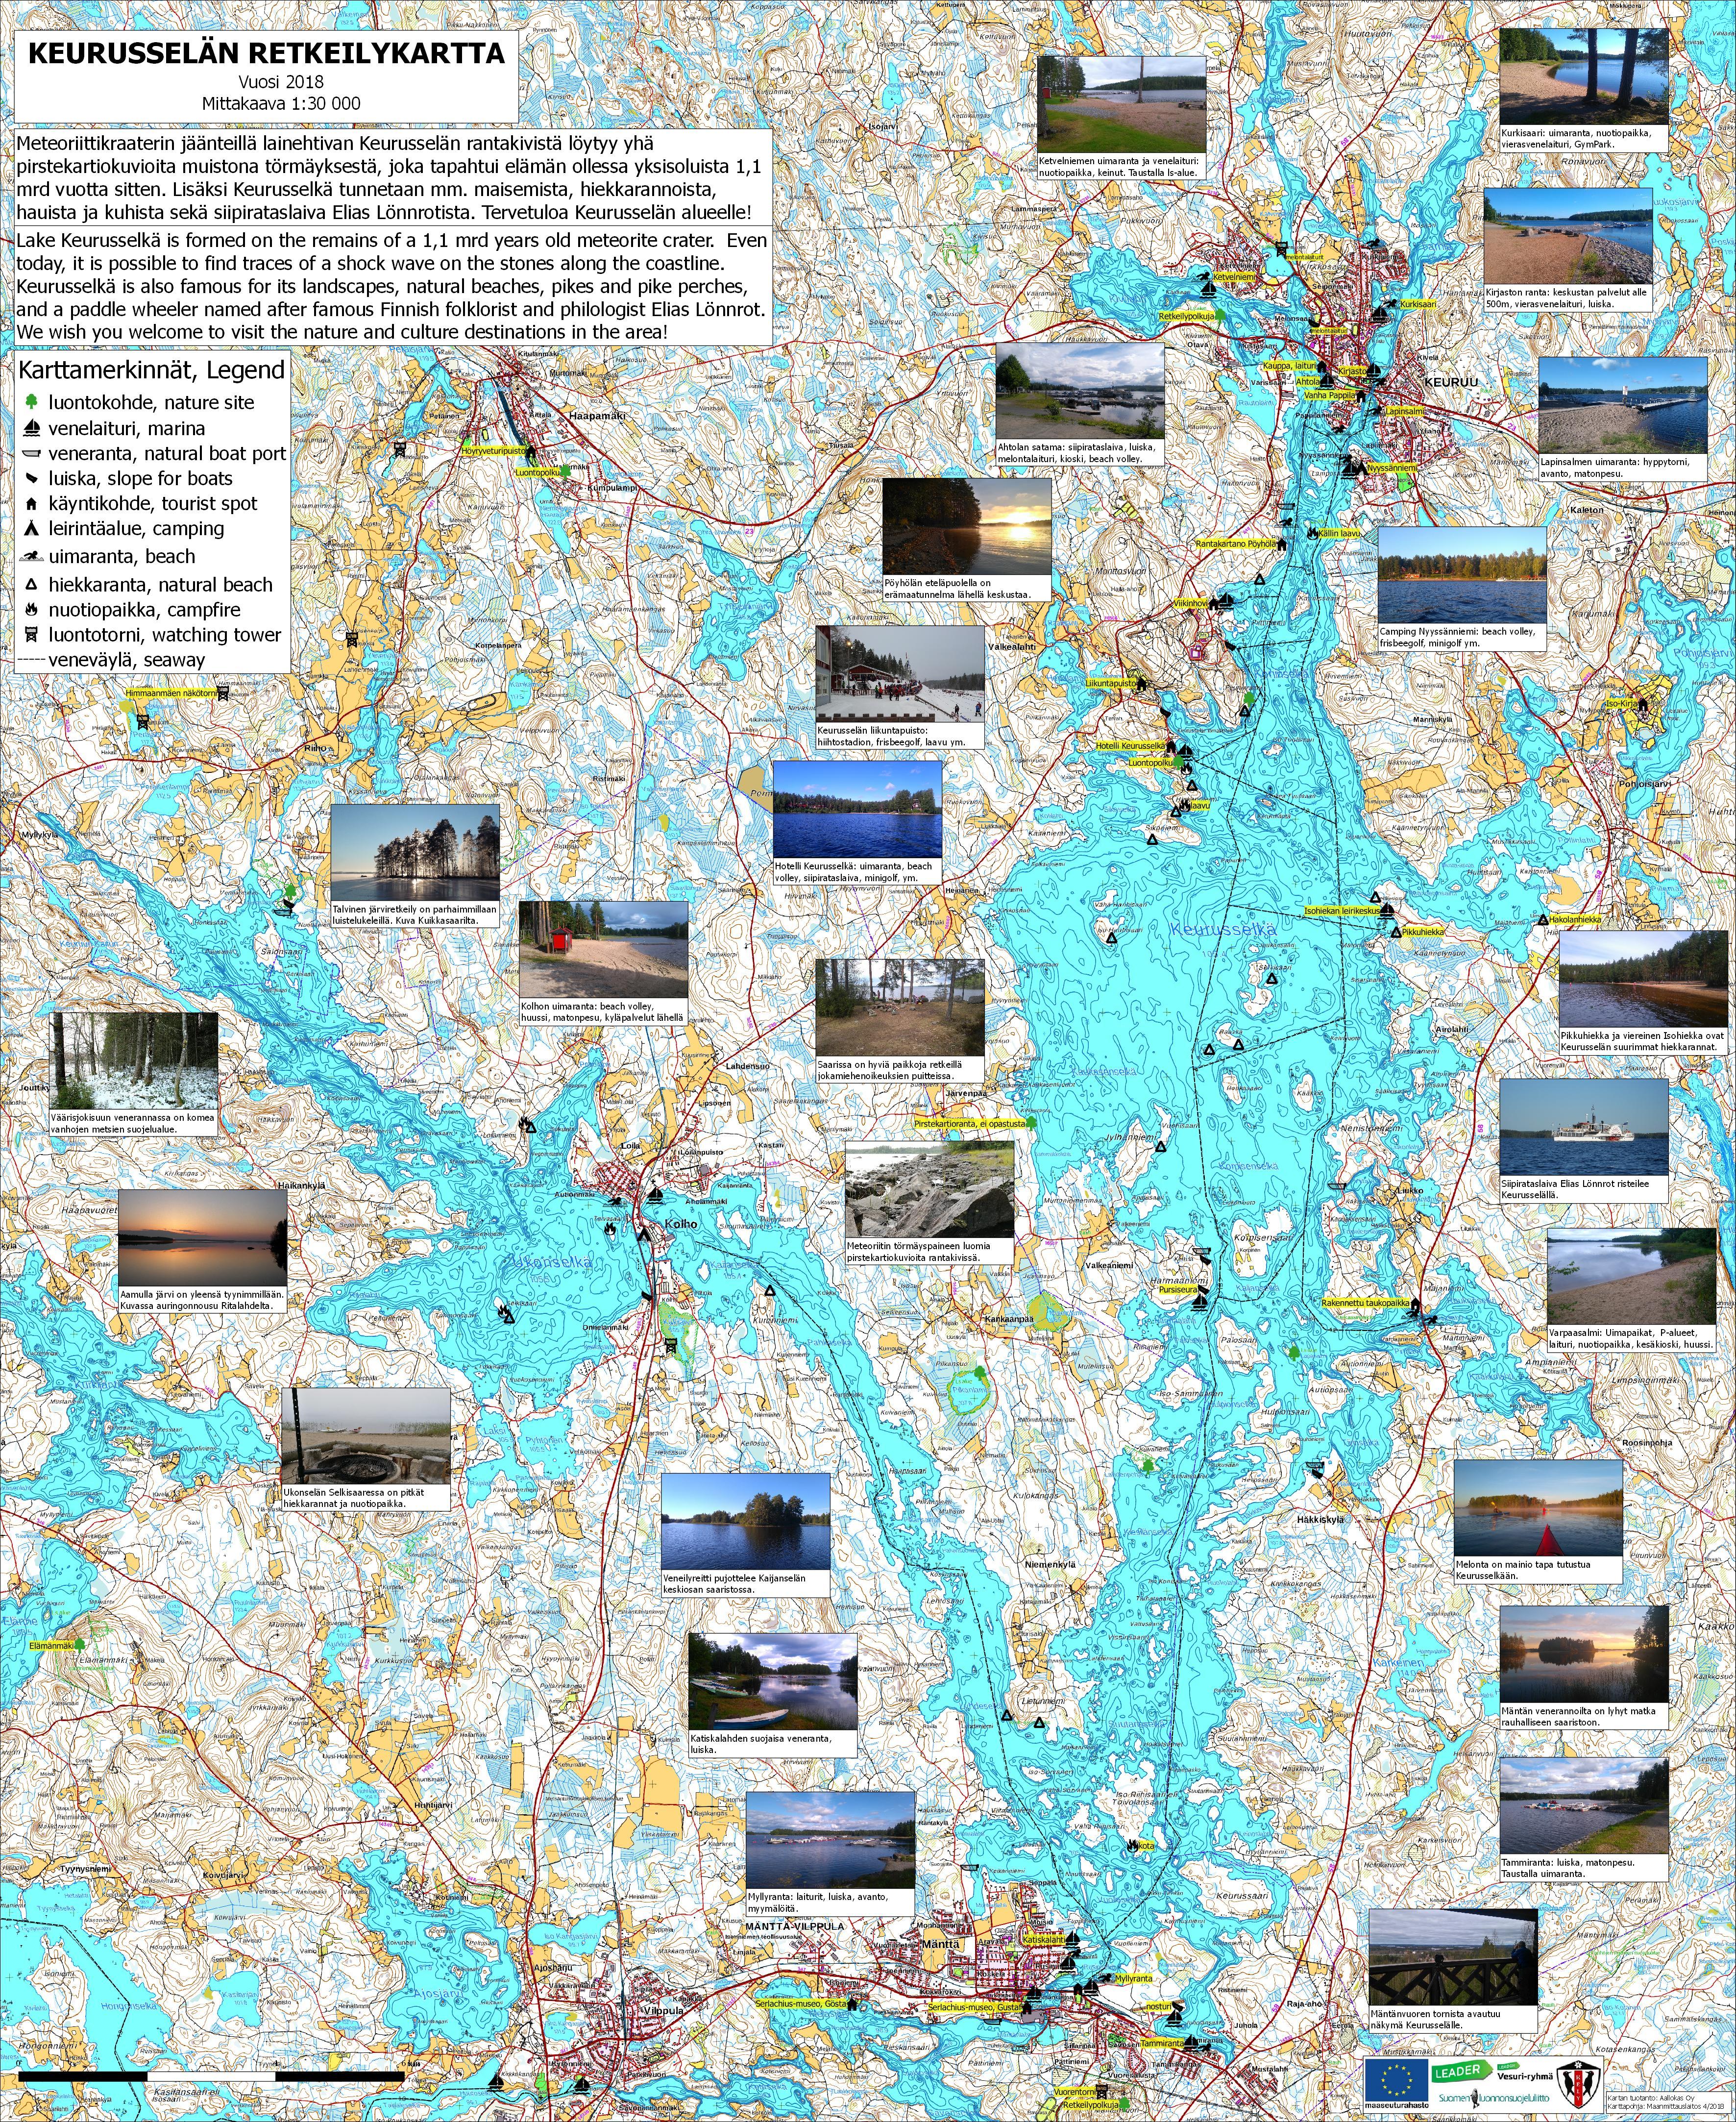 Luonnon Vesilla Keurusselalla Lake Keurusselka Keuruun Vapaa Aika